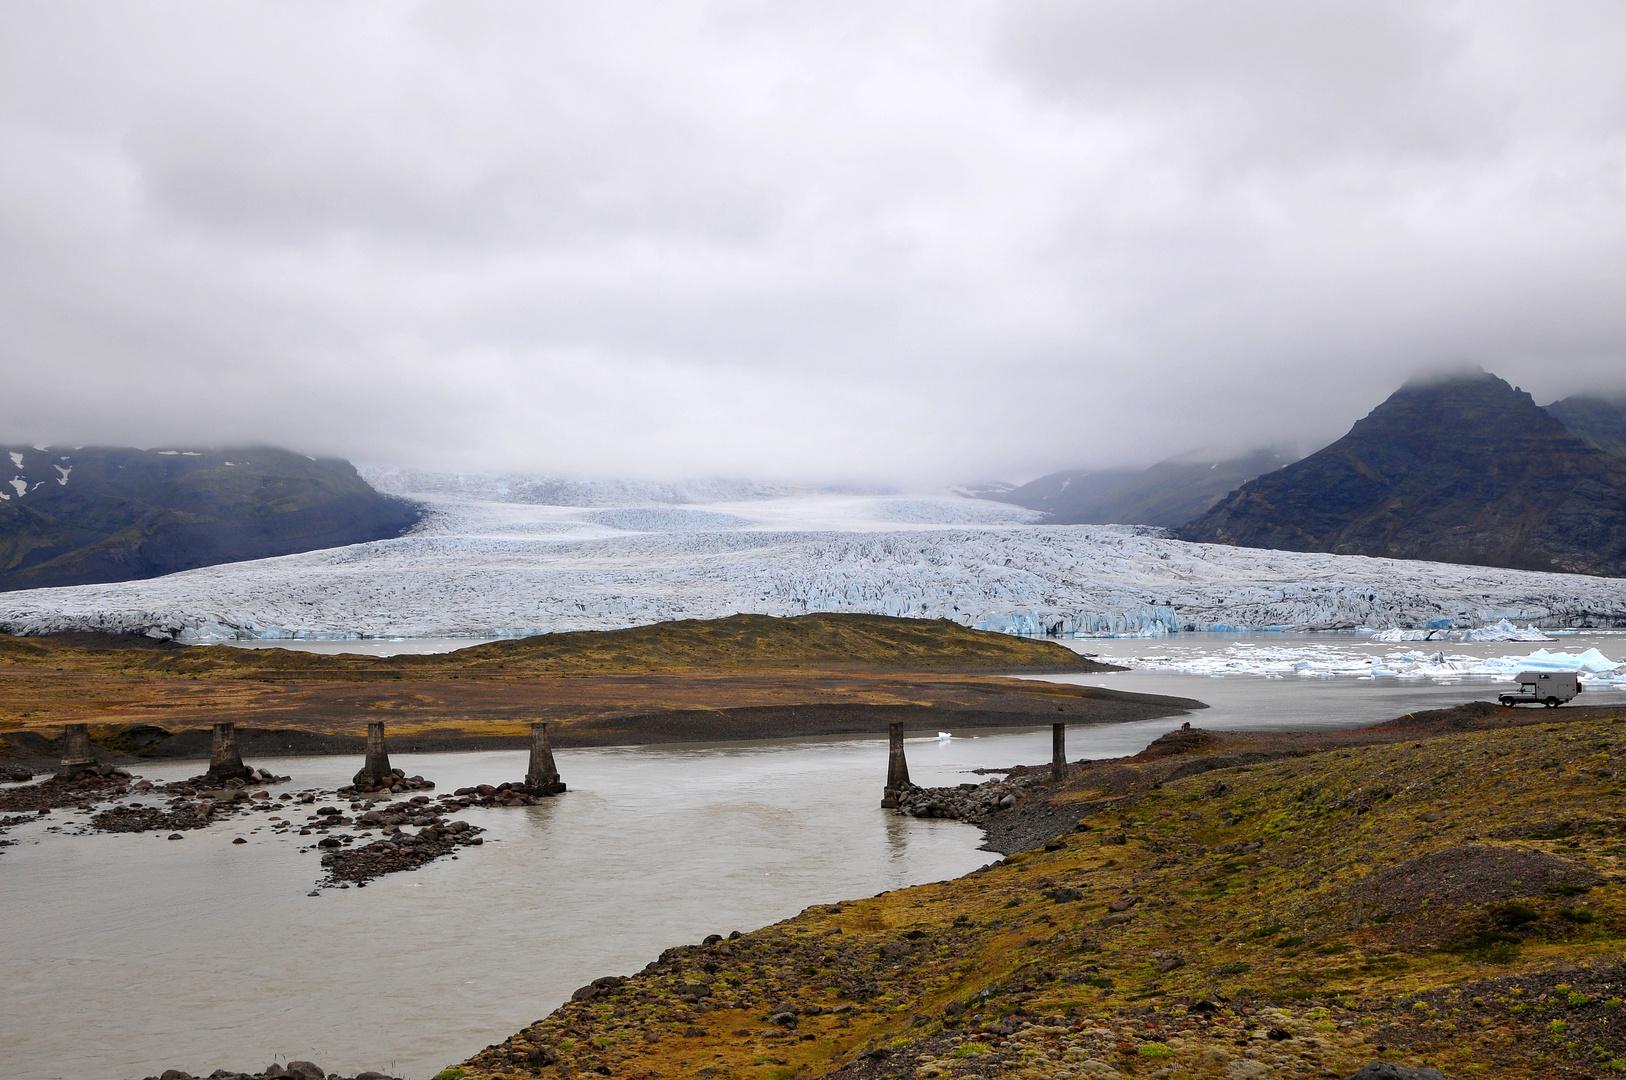 Naturgewalten an der Gletscherlagune Fjallsárlón - der Gletscher war stärker als die Brücke...